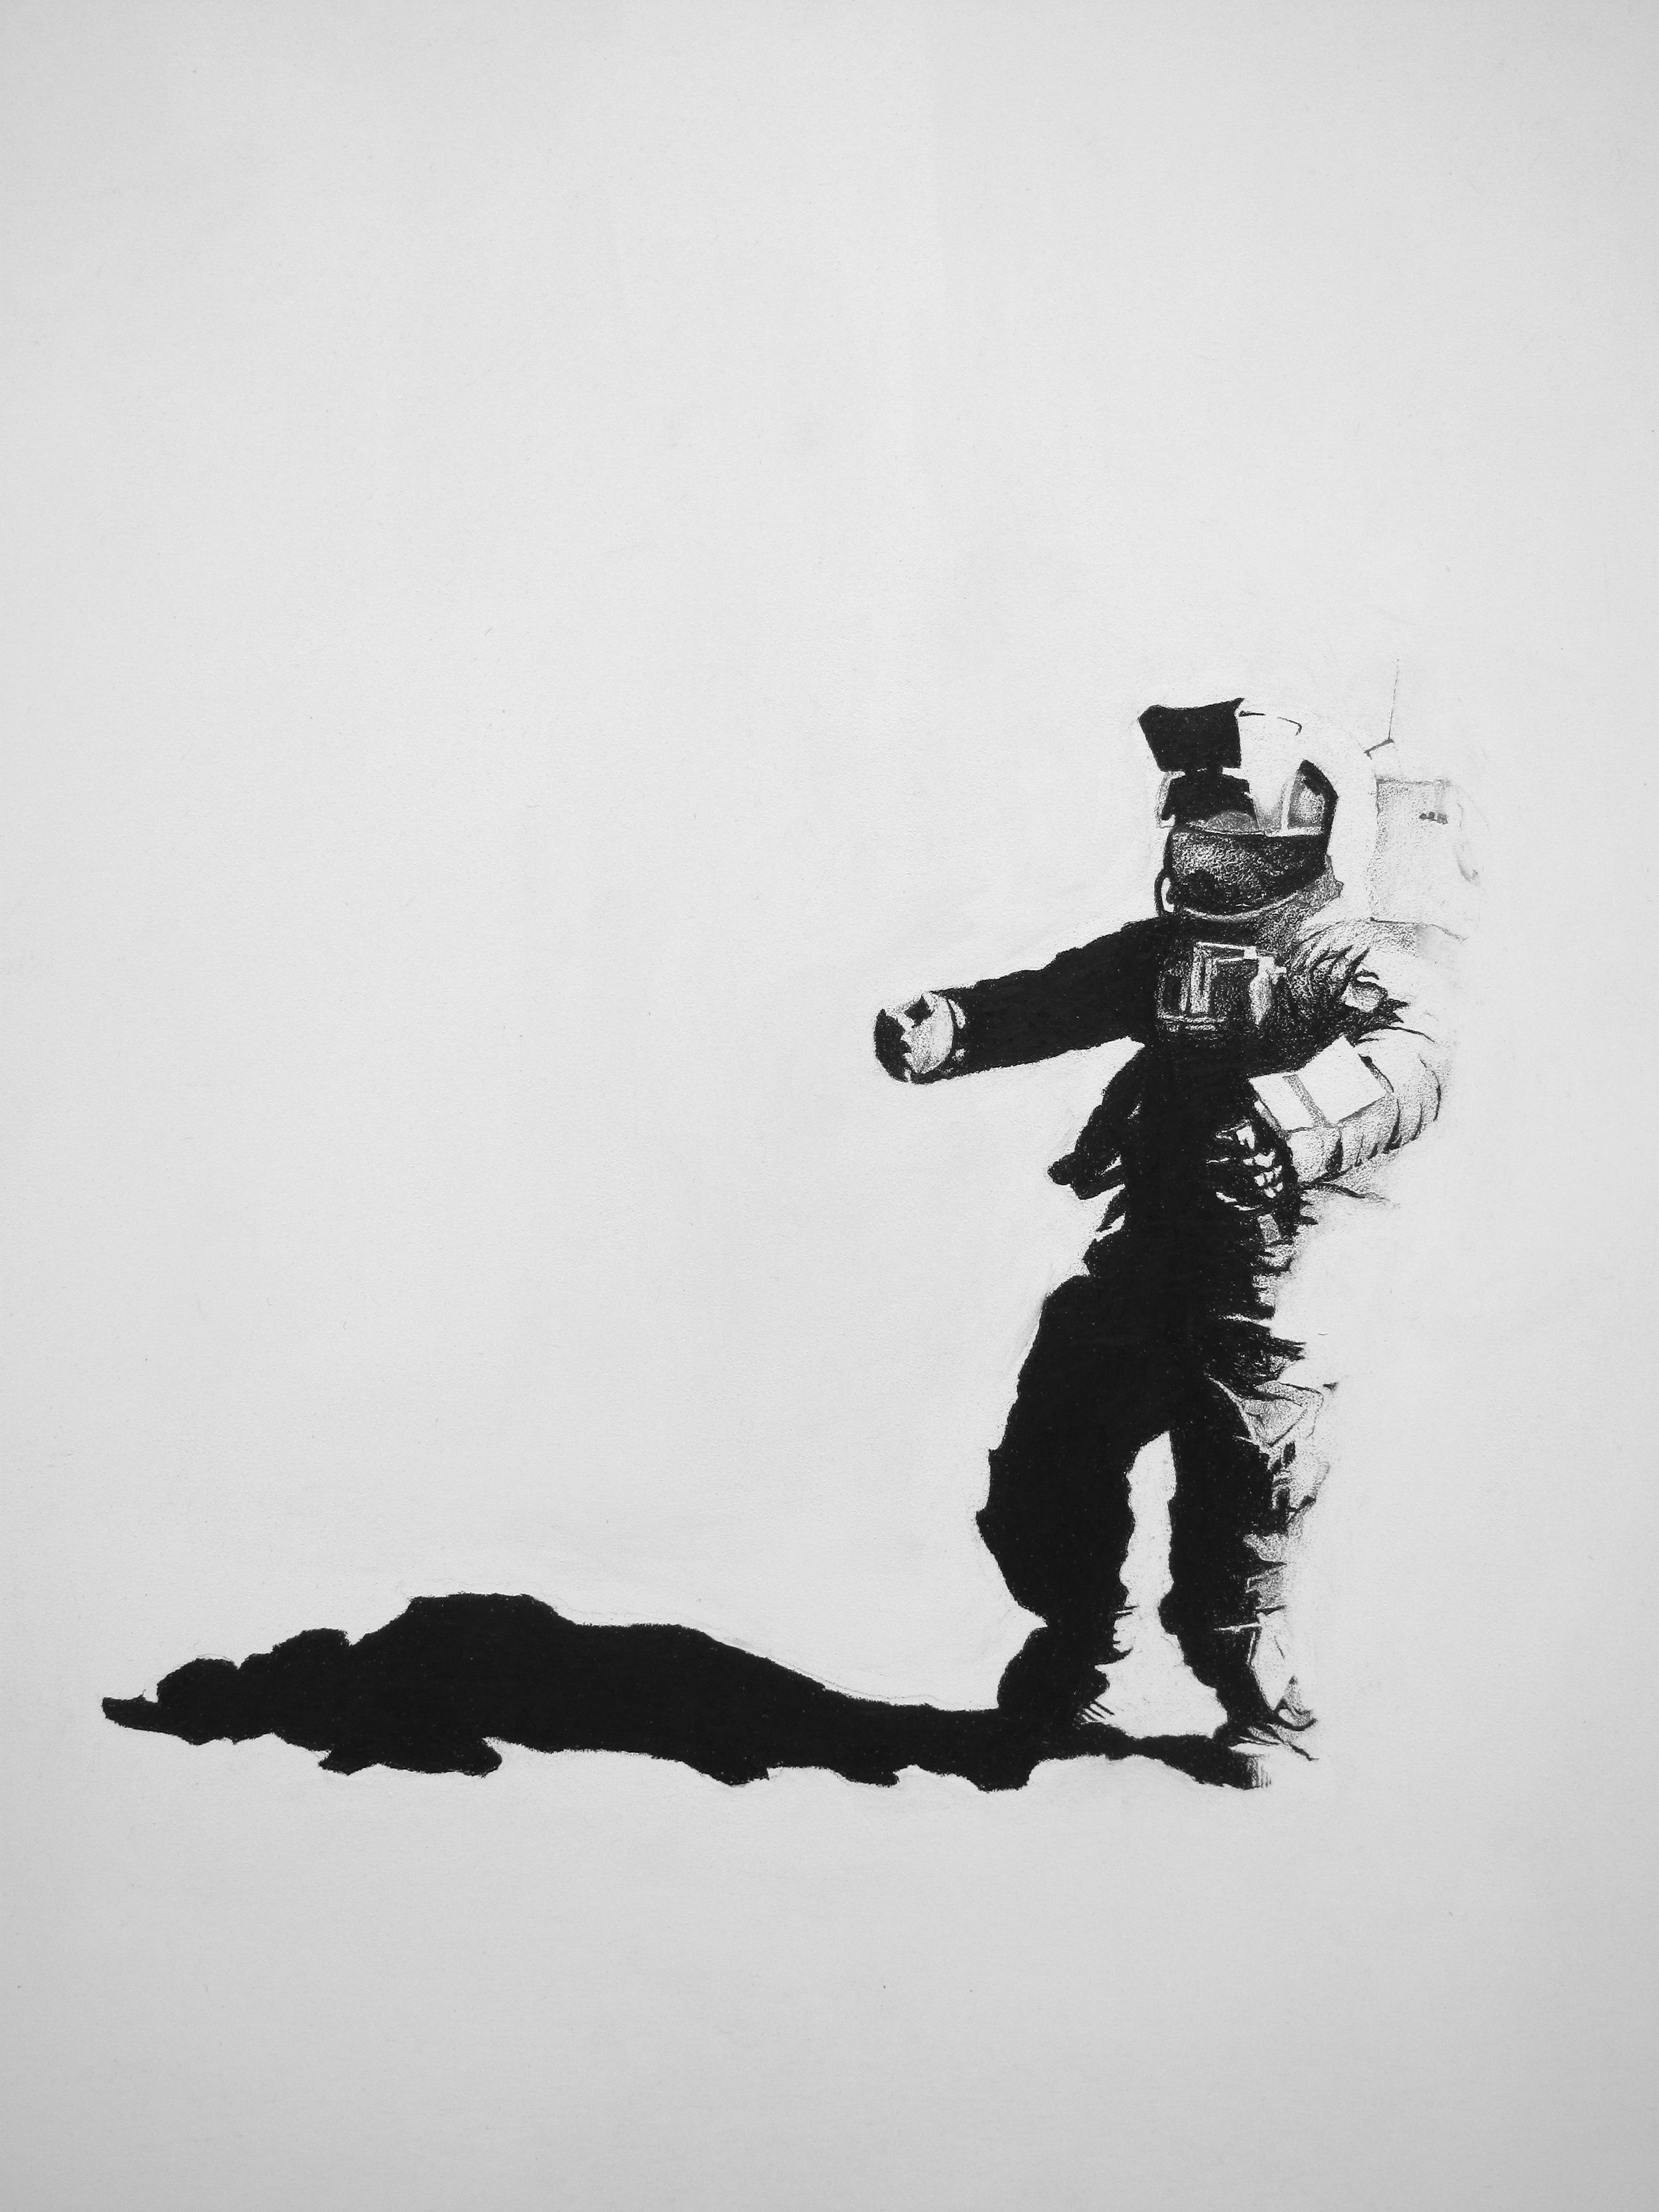 Last Man on Moon 1972